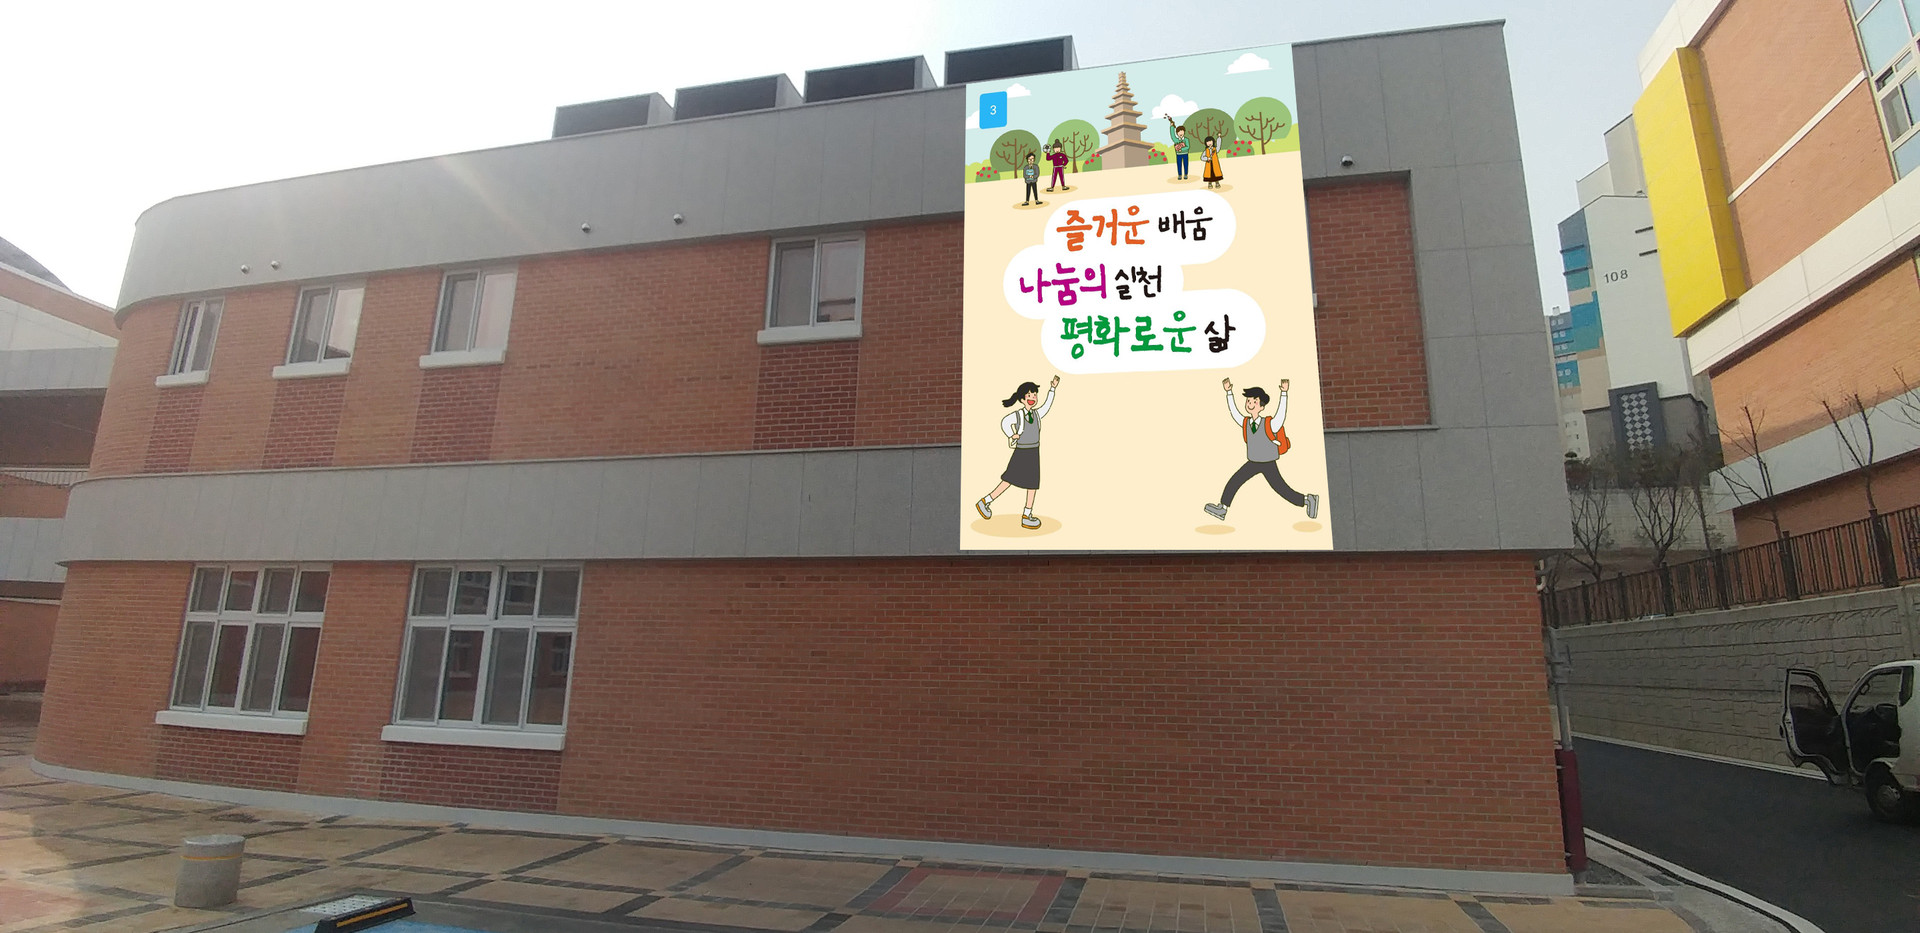 중앙탑중학교간판3.jpg